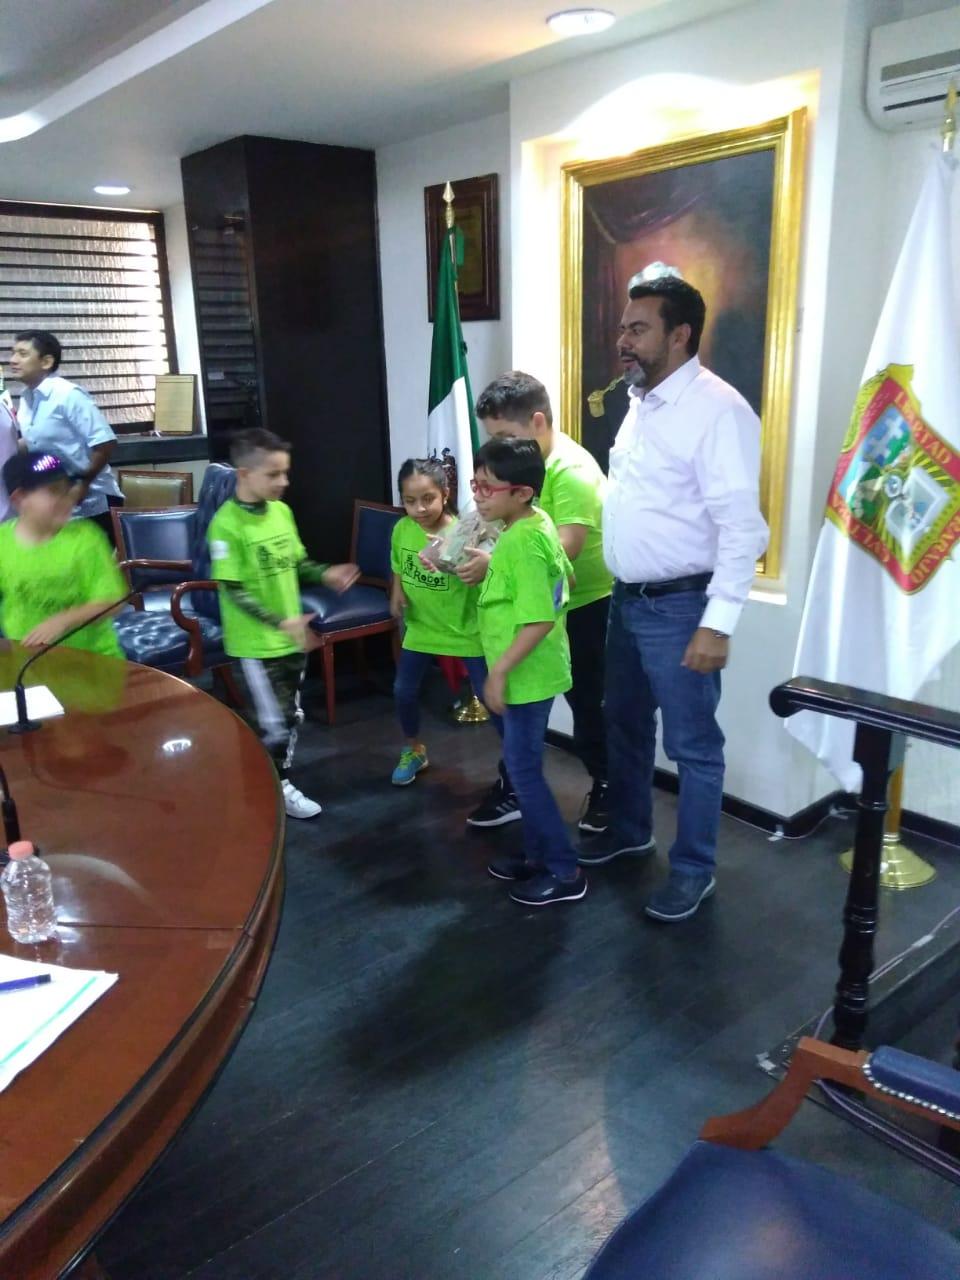 Alumnos de Allrobot con el Presidente municipal de Coacalco. Darwin Eslava